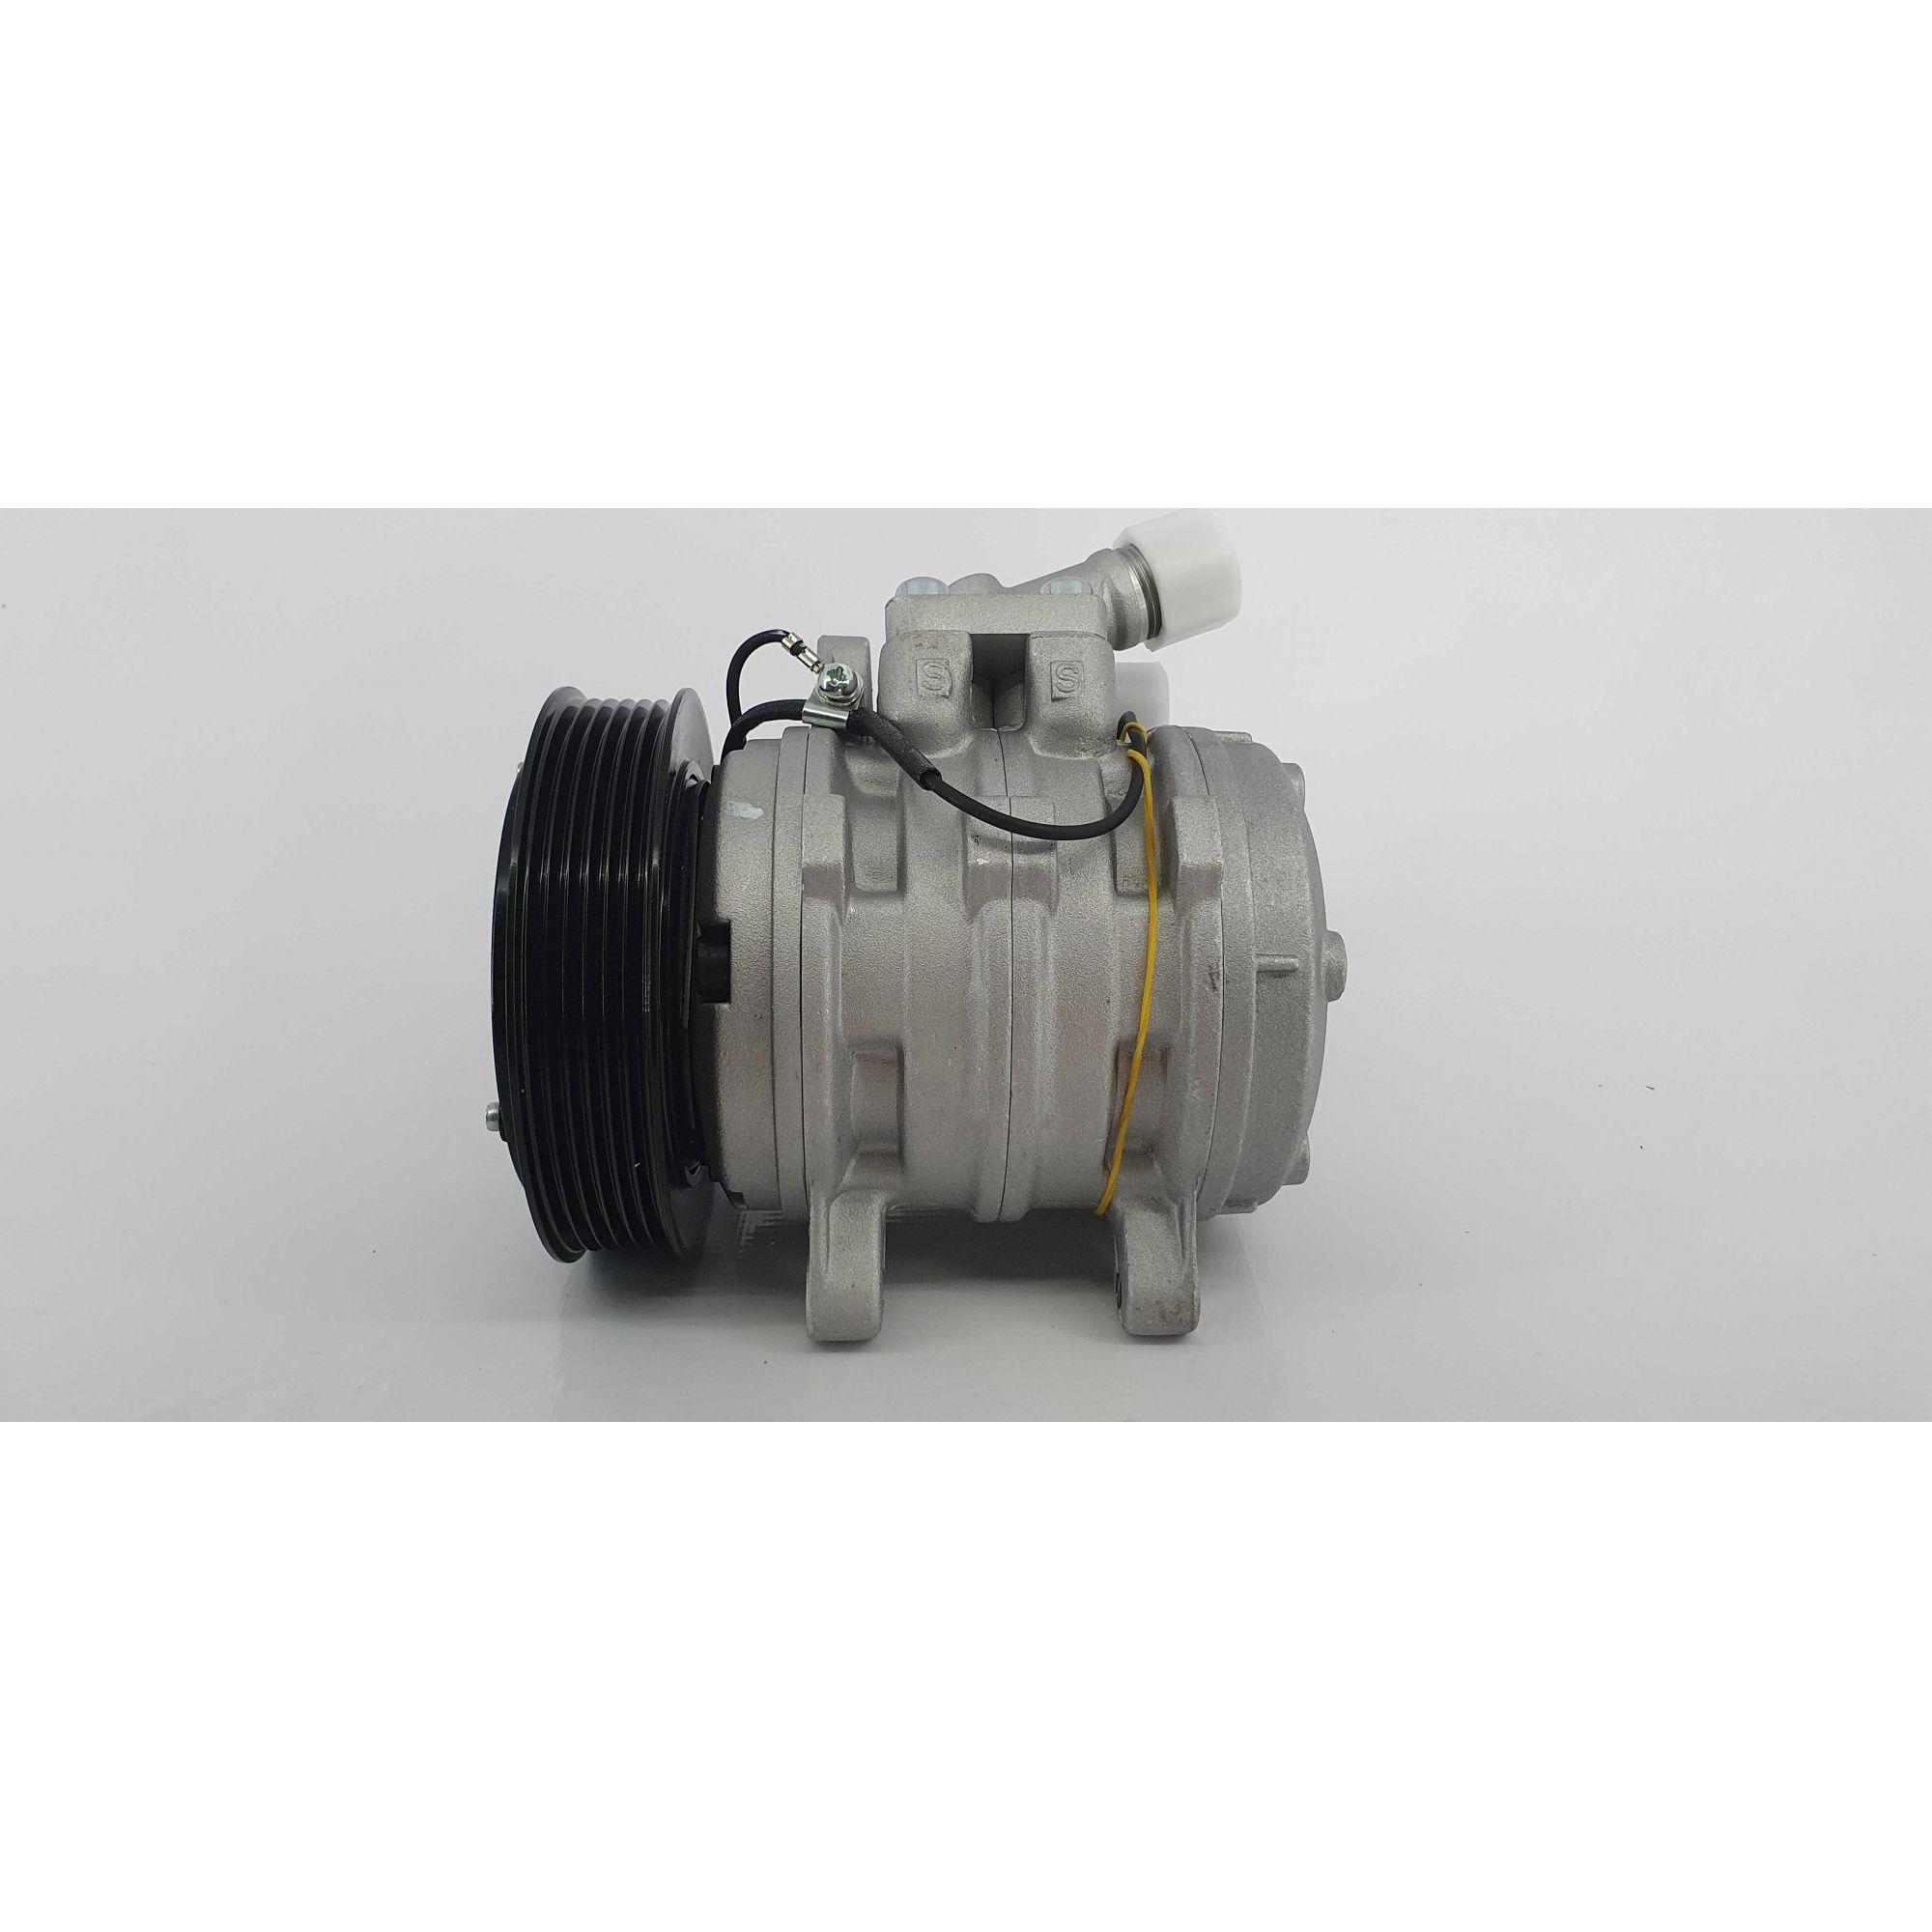 Compressor Gol G2/G3/G4 1.0 8v e 16v  - DENSO Original